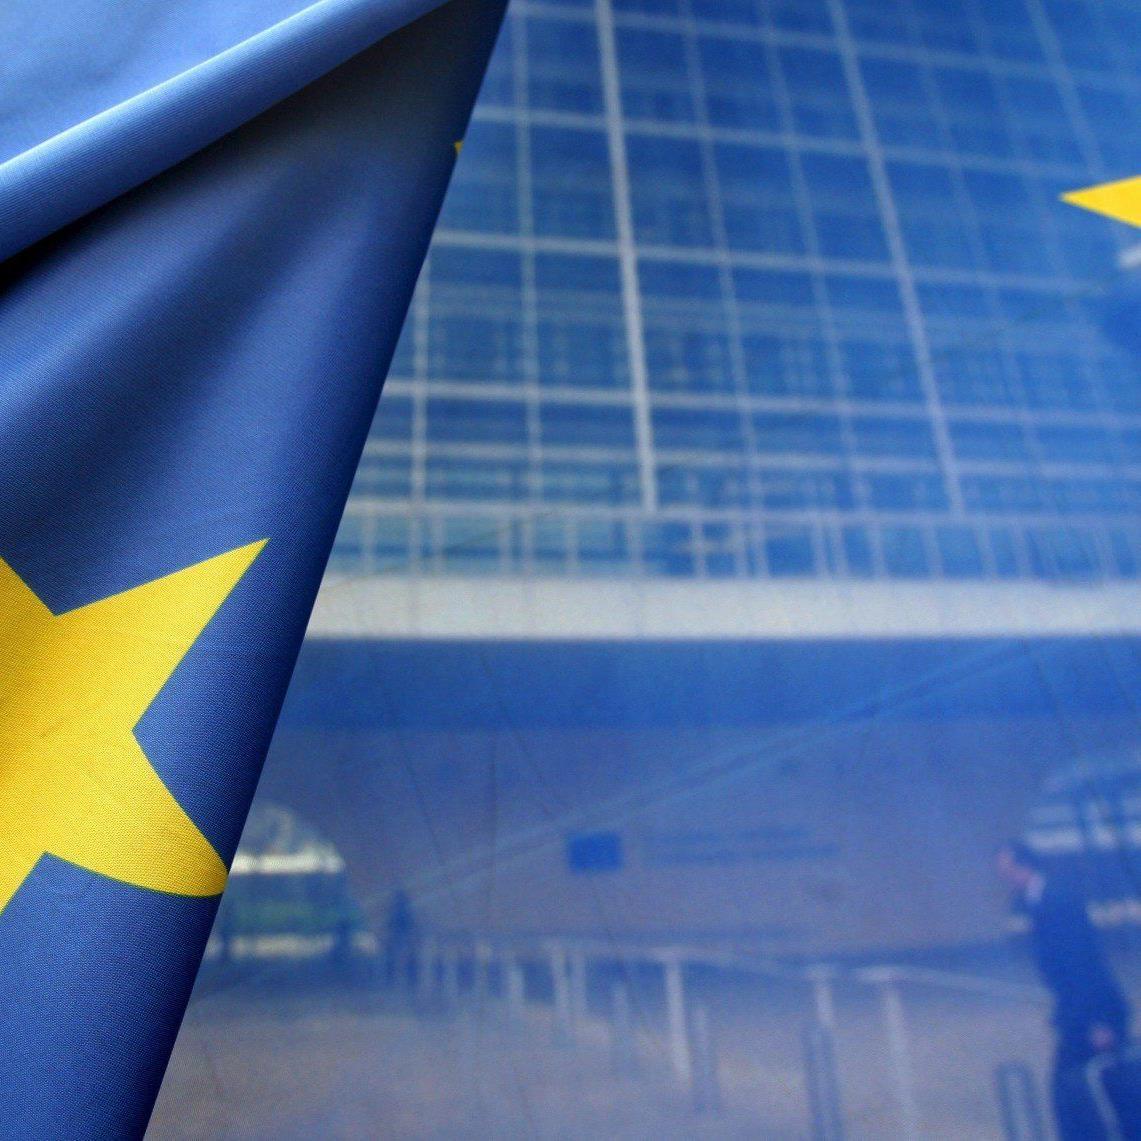 EU-Wahl: 28 Abstimmung für ein und dasselbe Parlament